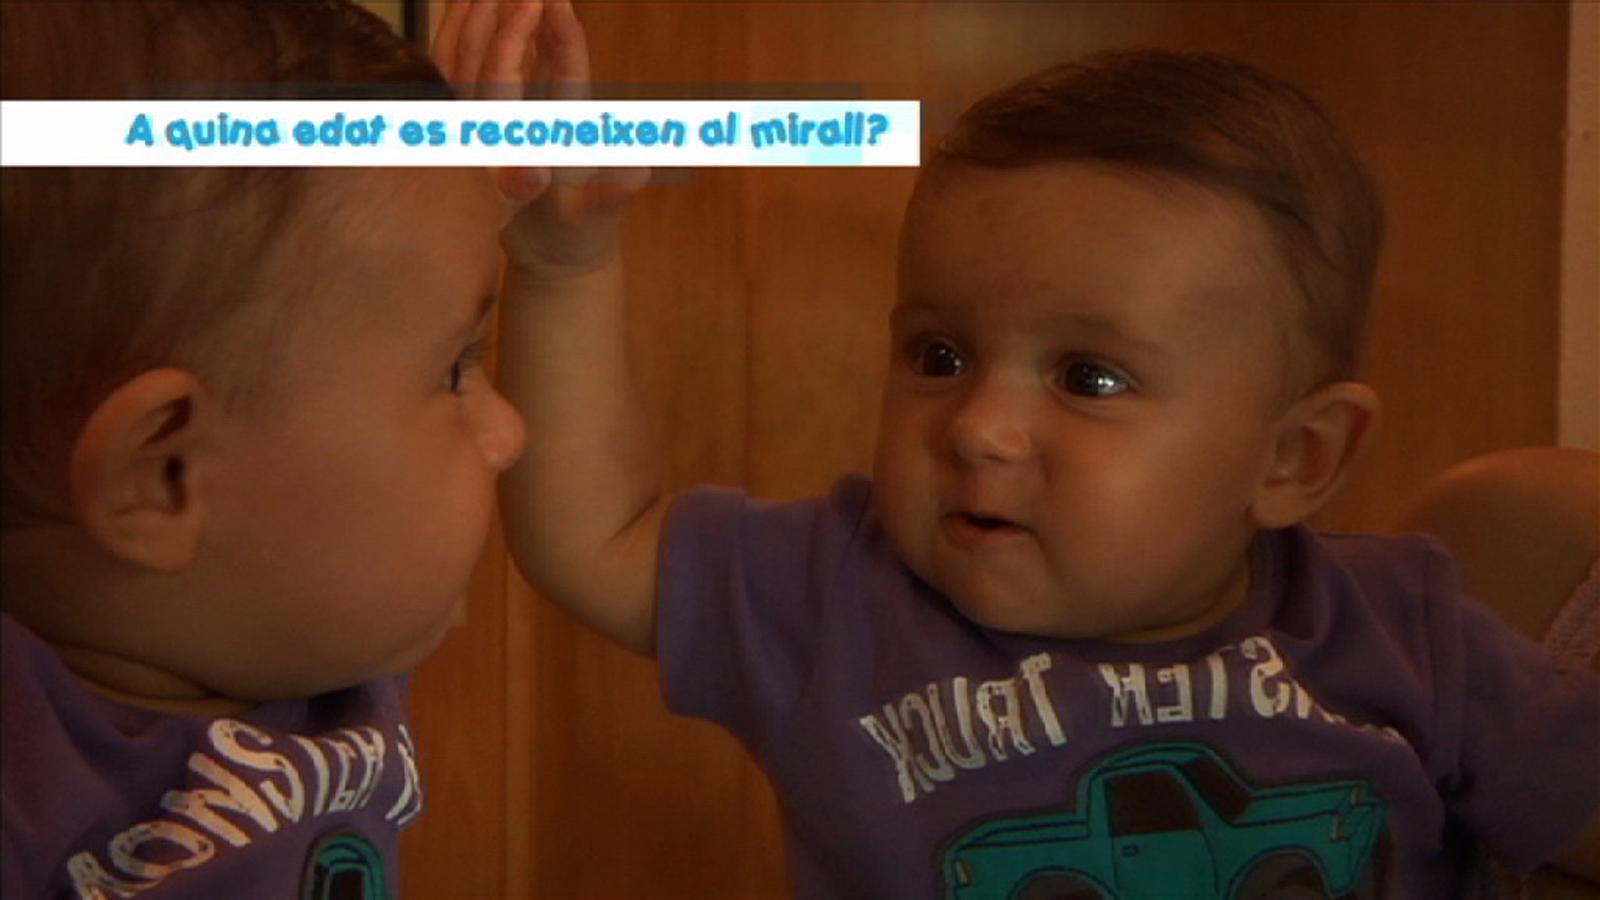 Criatures: A quina edat es reconeixen al mirall?